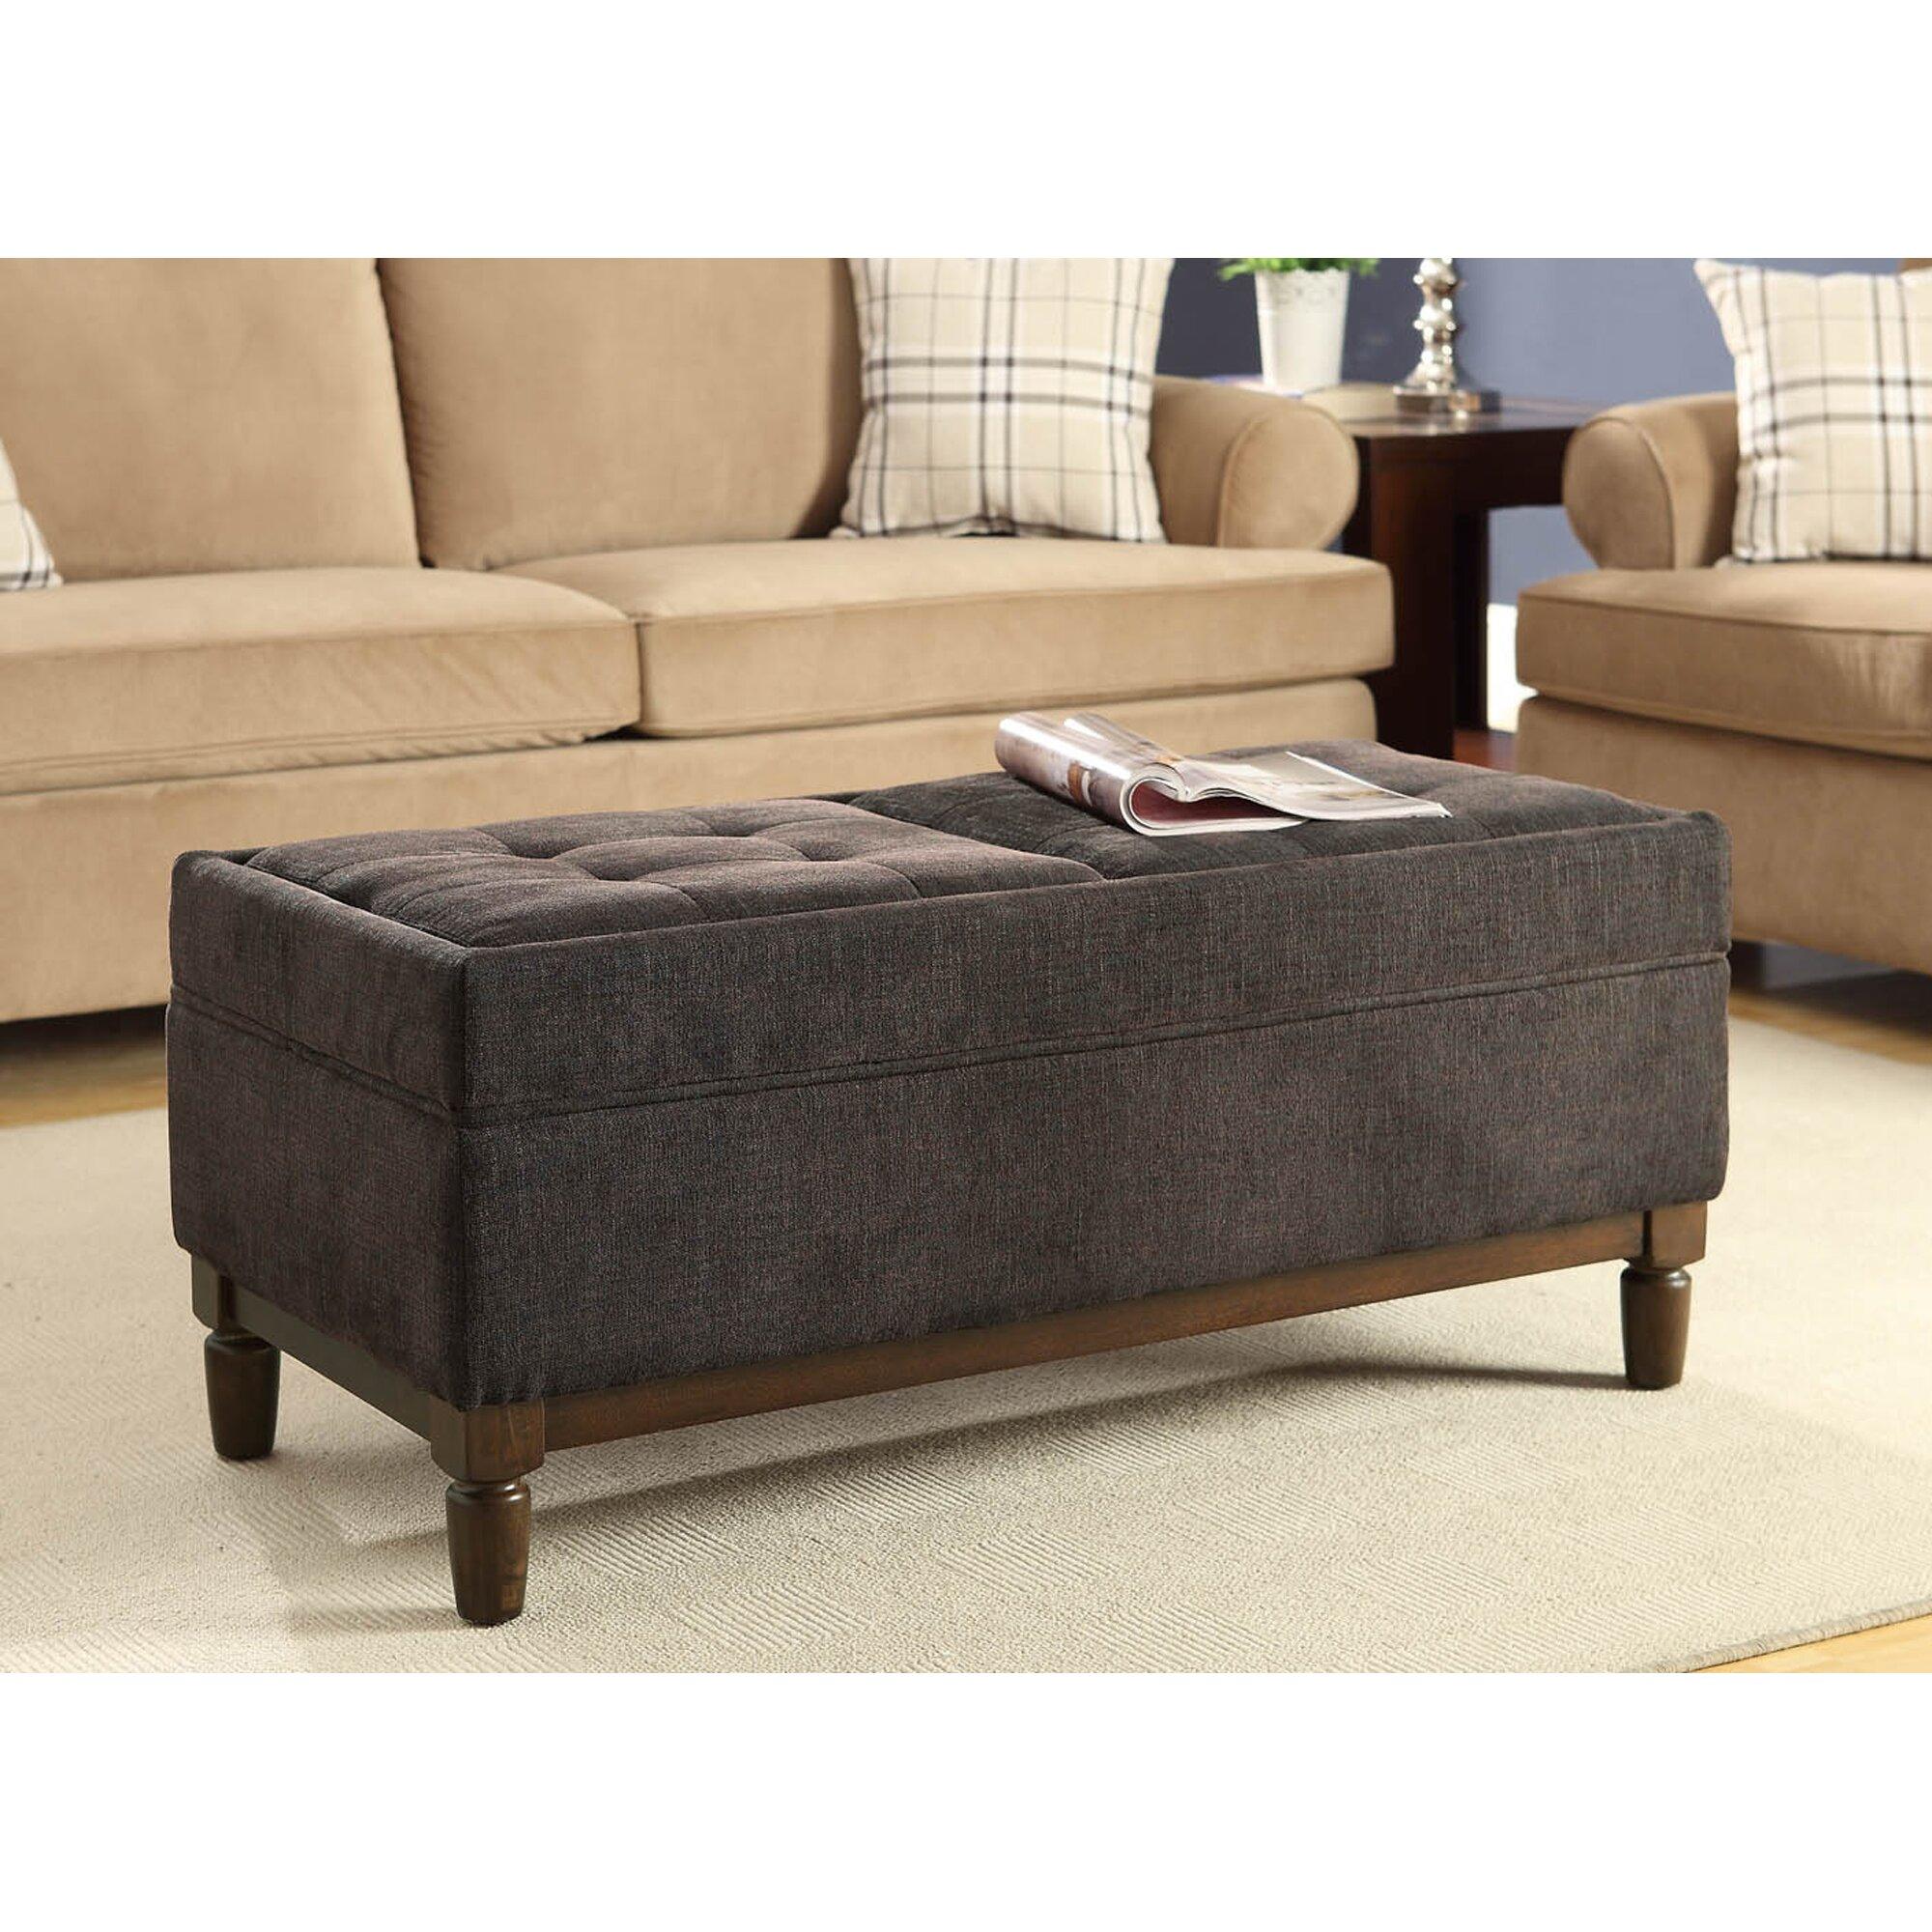 Convenience concepts designs 4 comfort sutton place for Convenience concepts storage ottoman